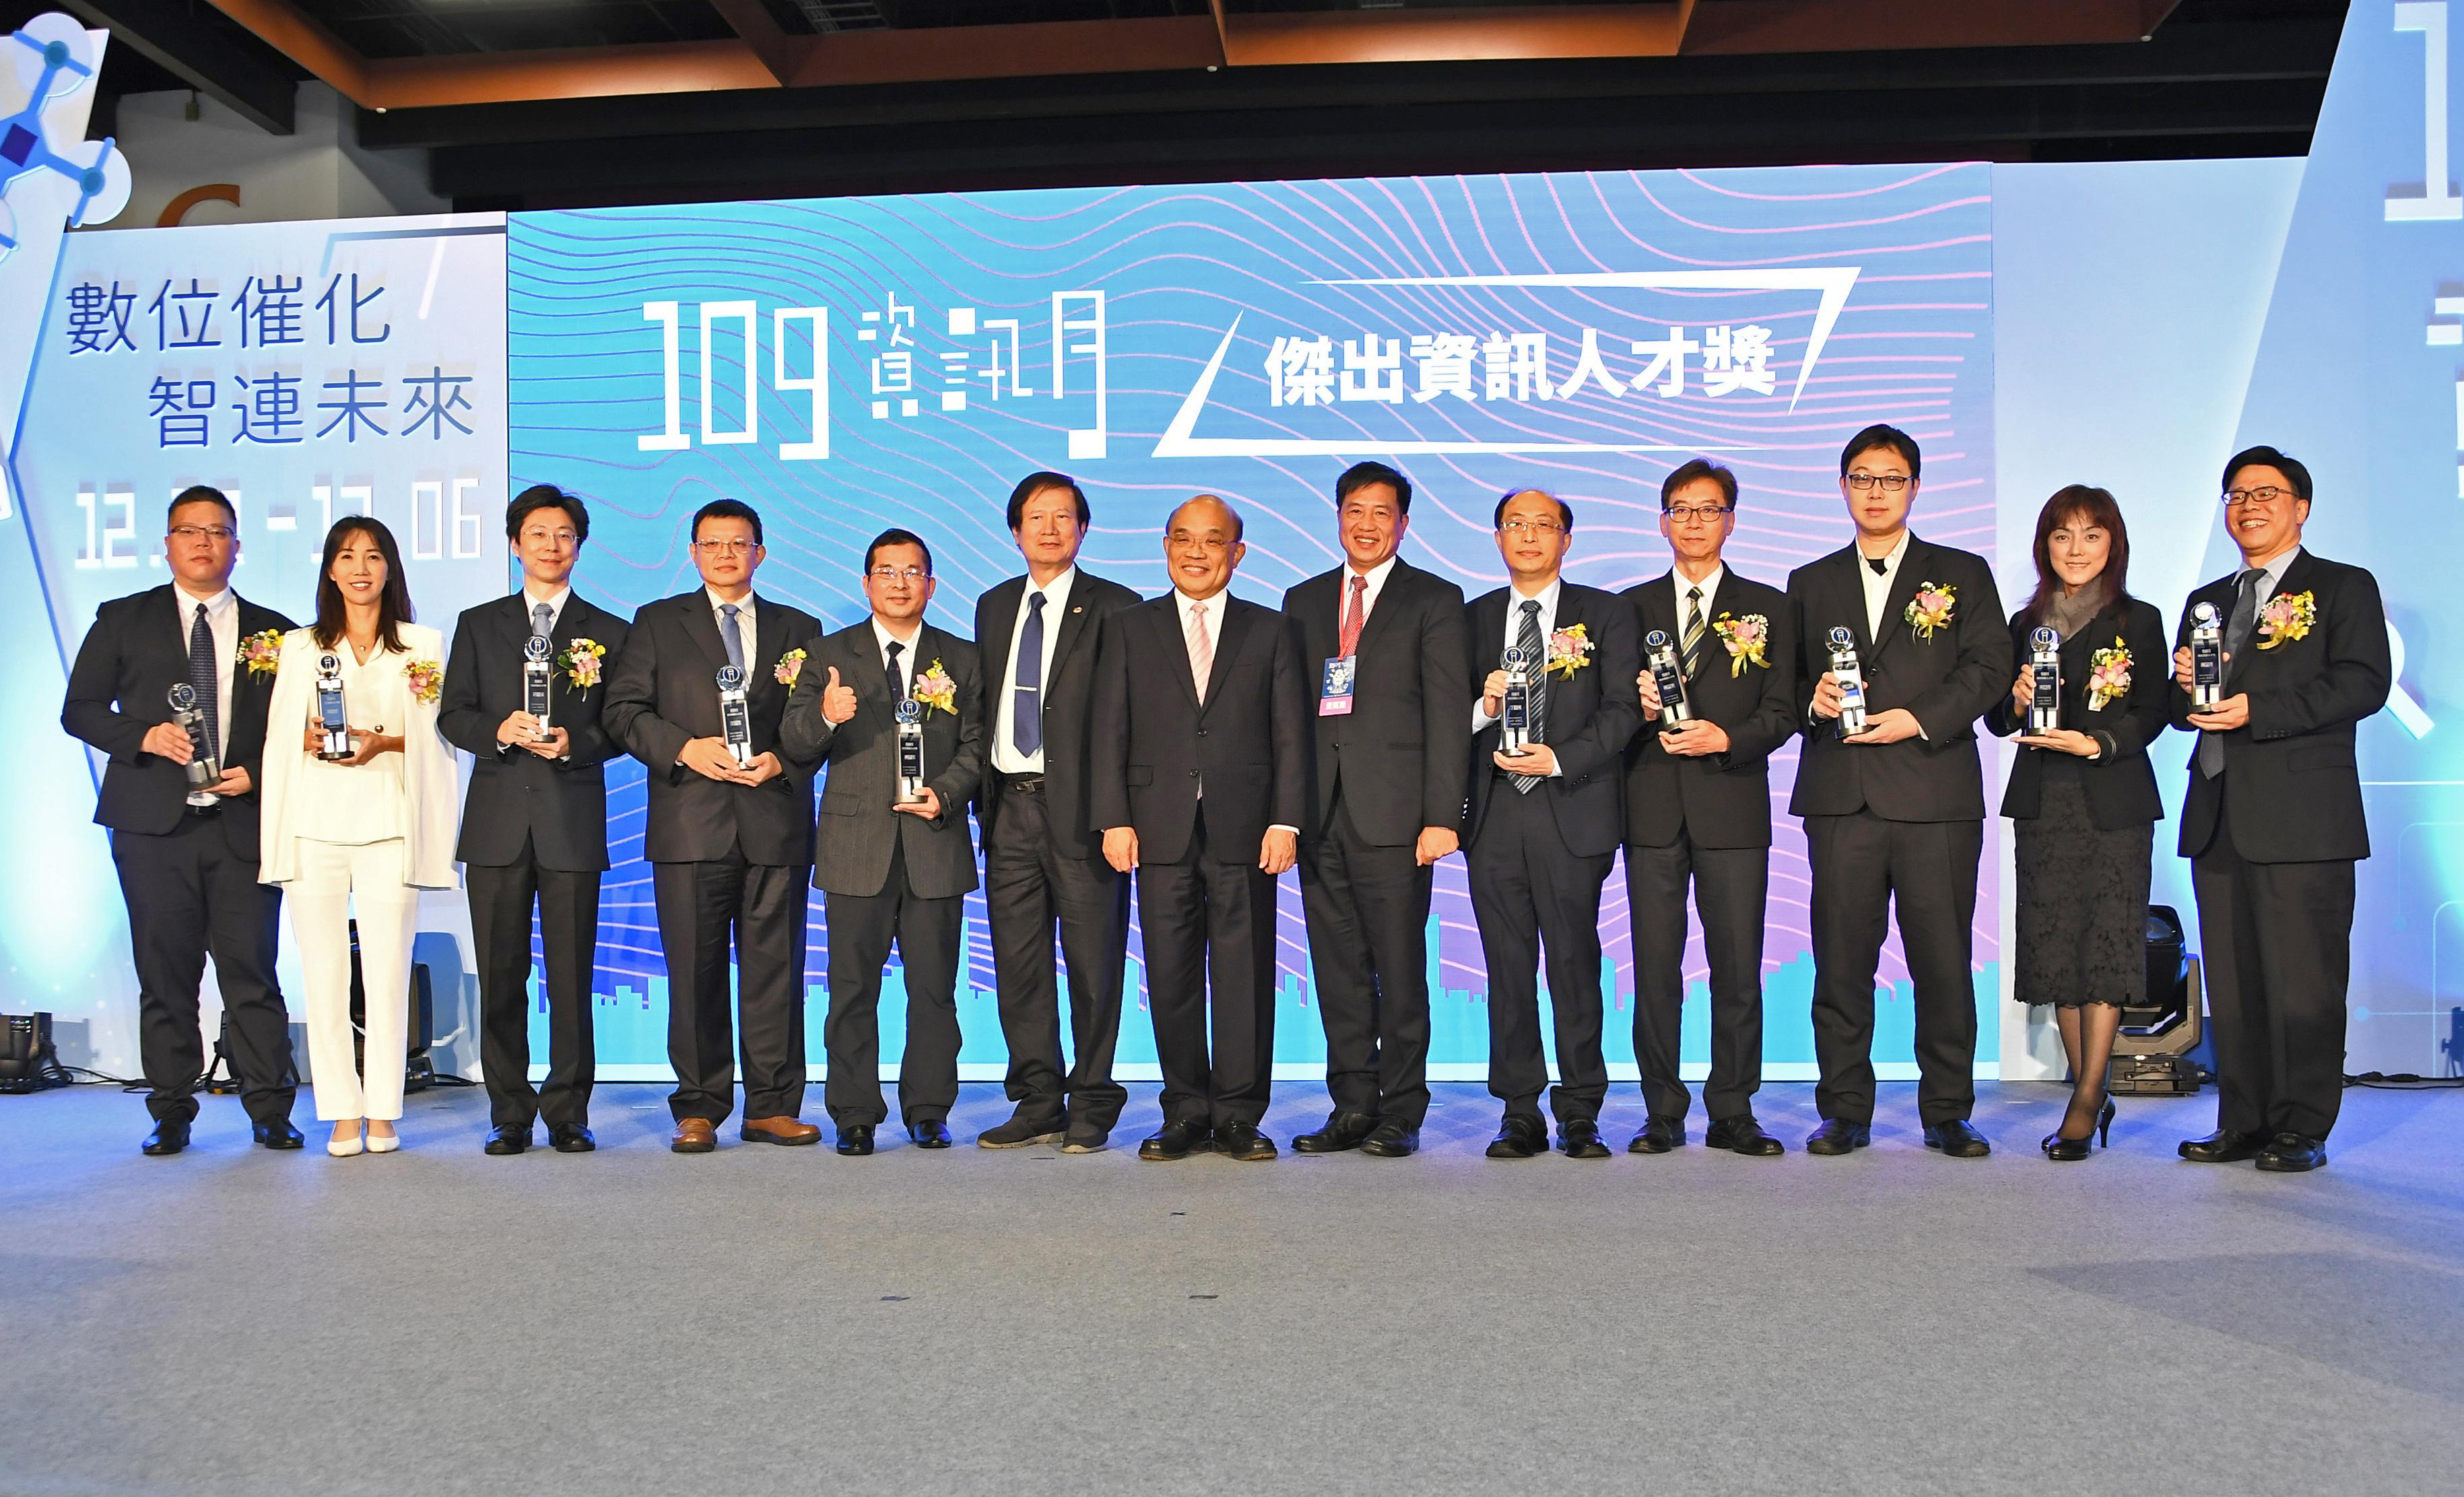 行政院長蘇貞昌今(2)日出席109年資訊月開幕典禮